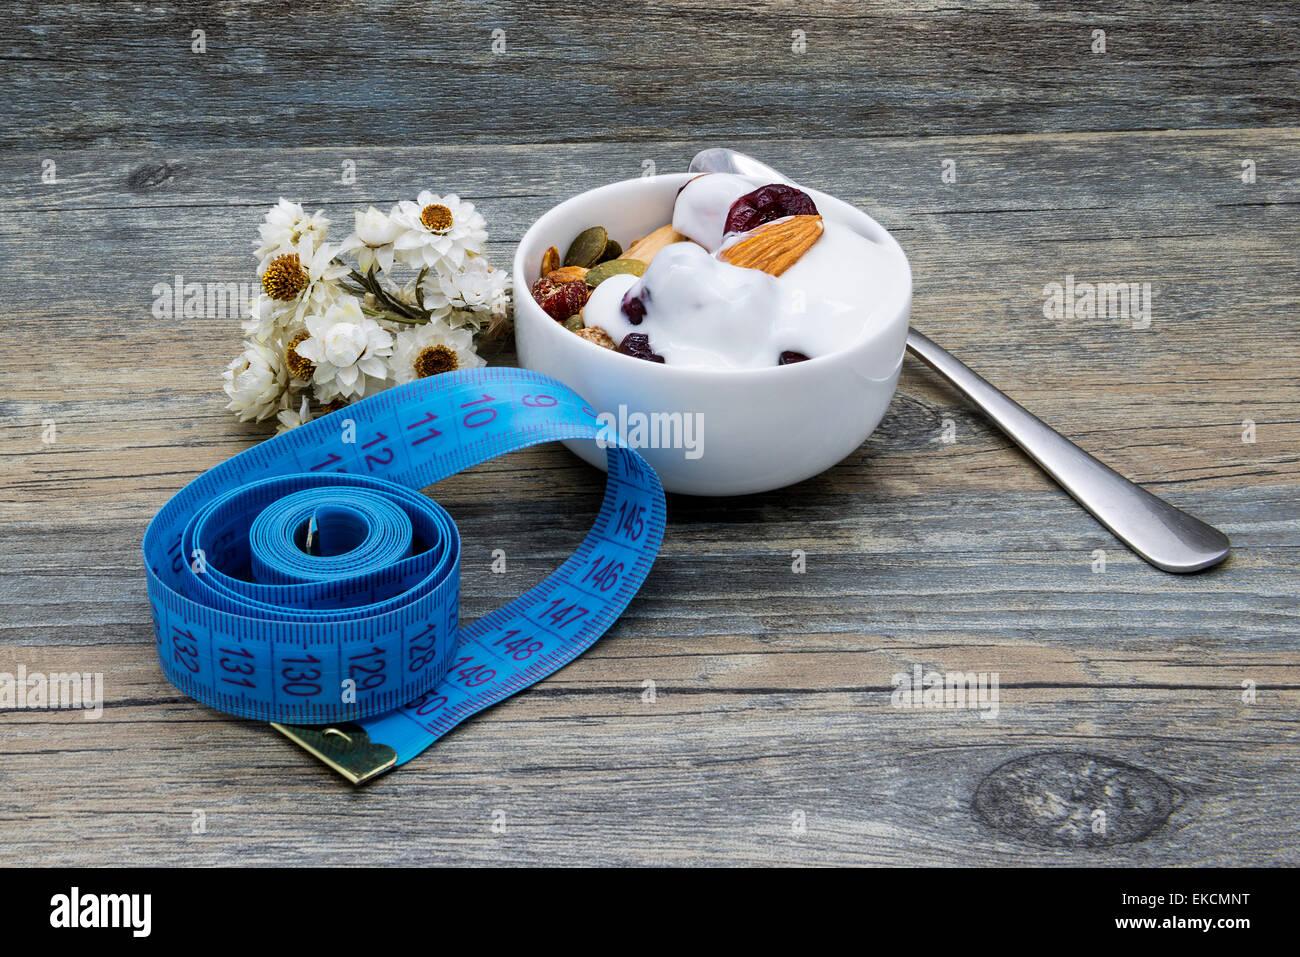 Régime alimentaire Le petit déjeuner avec du yaourt et granola sur fond de bois rustique. Photo Stock